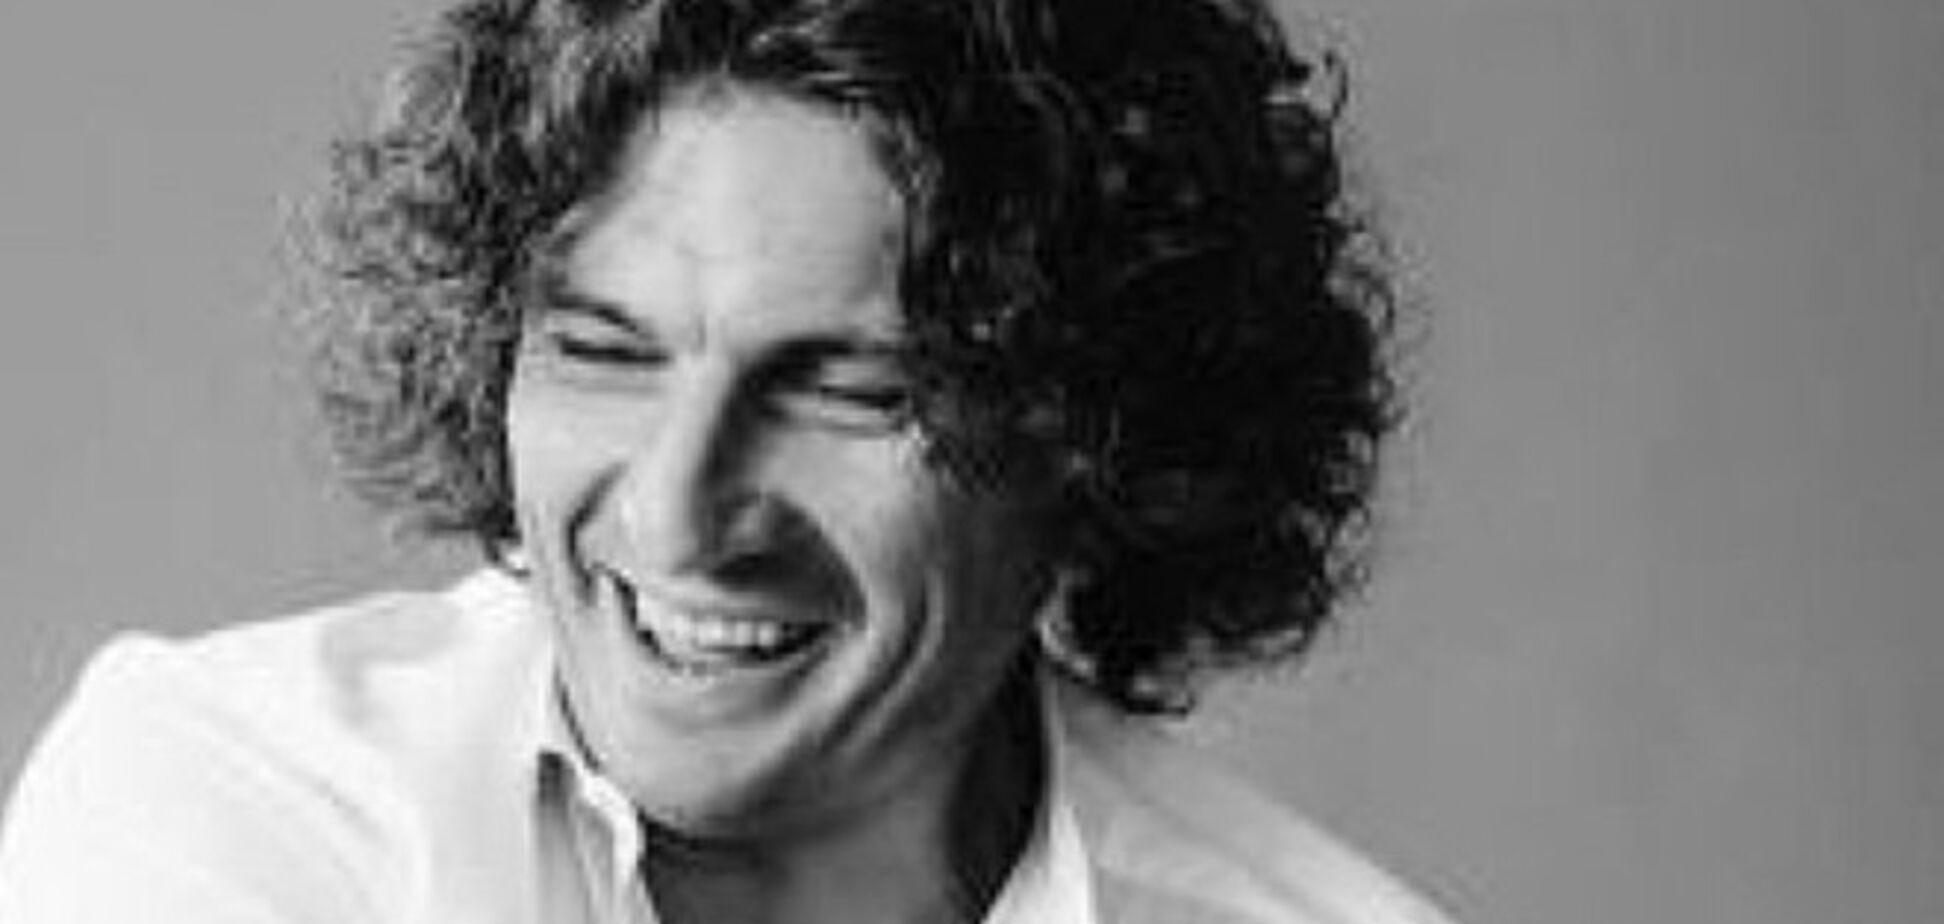 Тарас Тополя: для меня знакомство с украинской музыкой началось со Скрябина